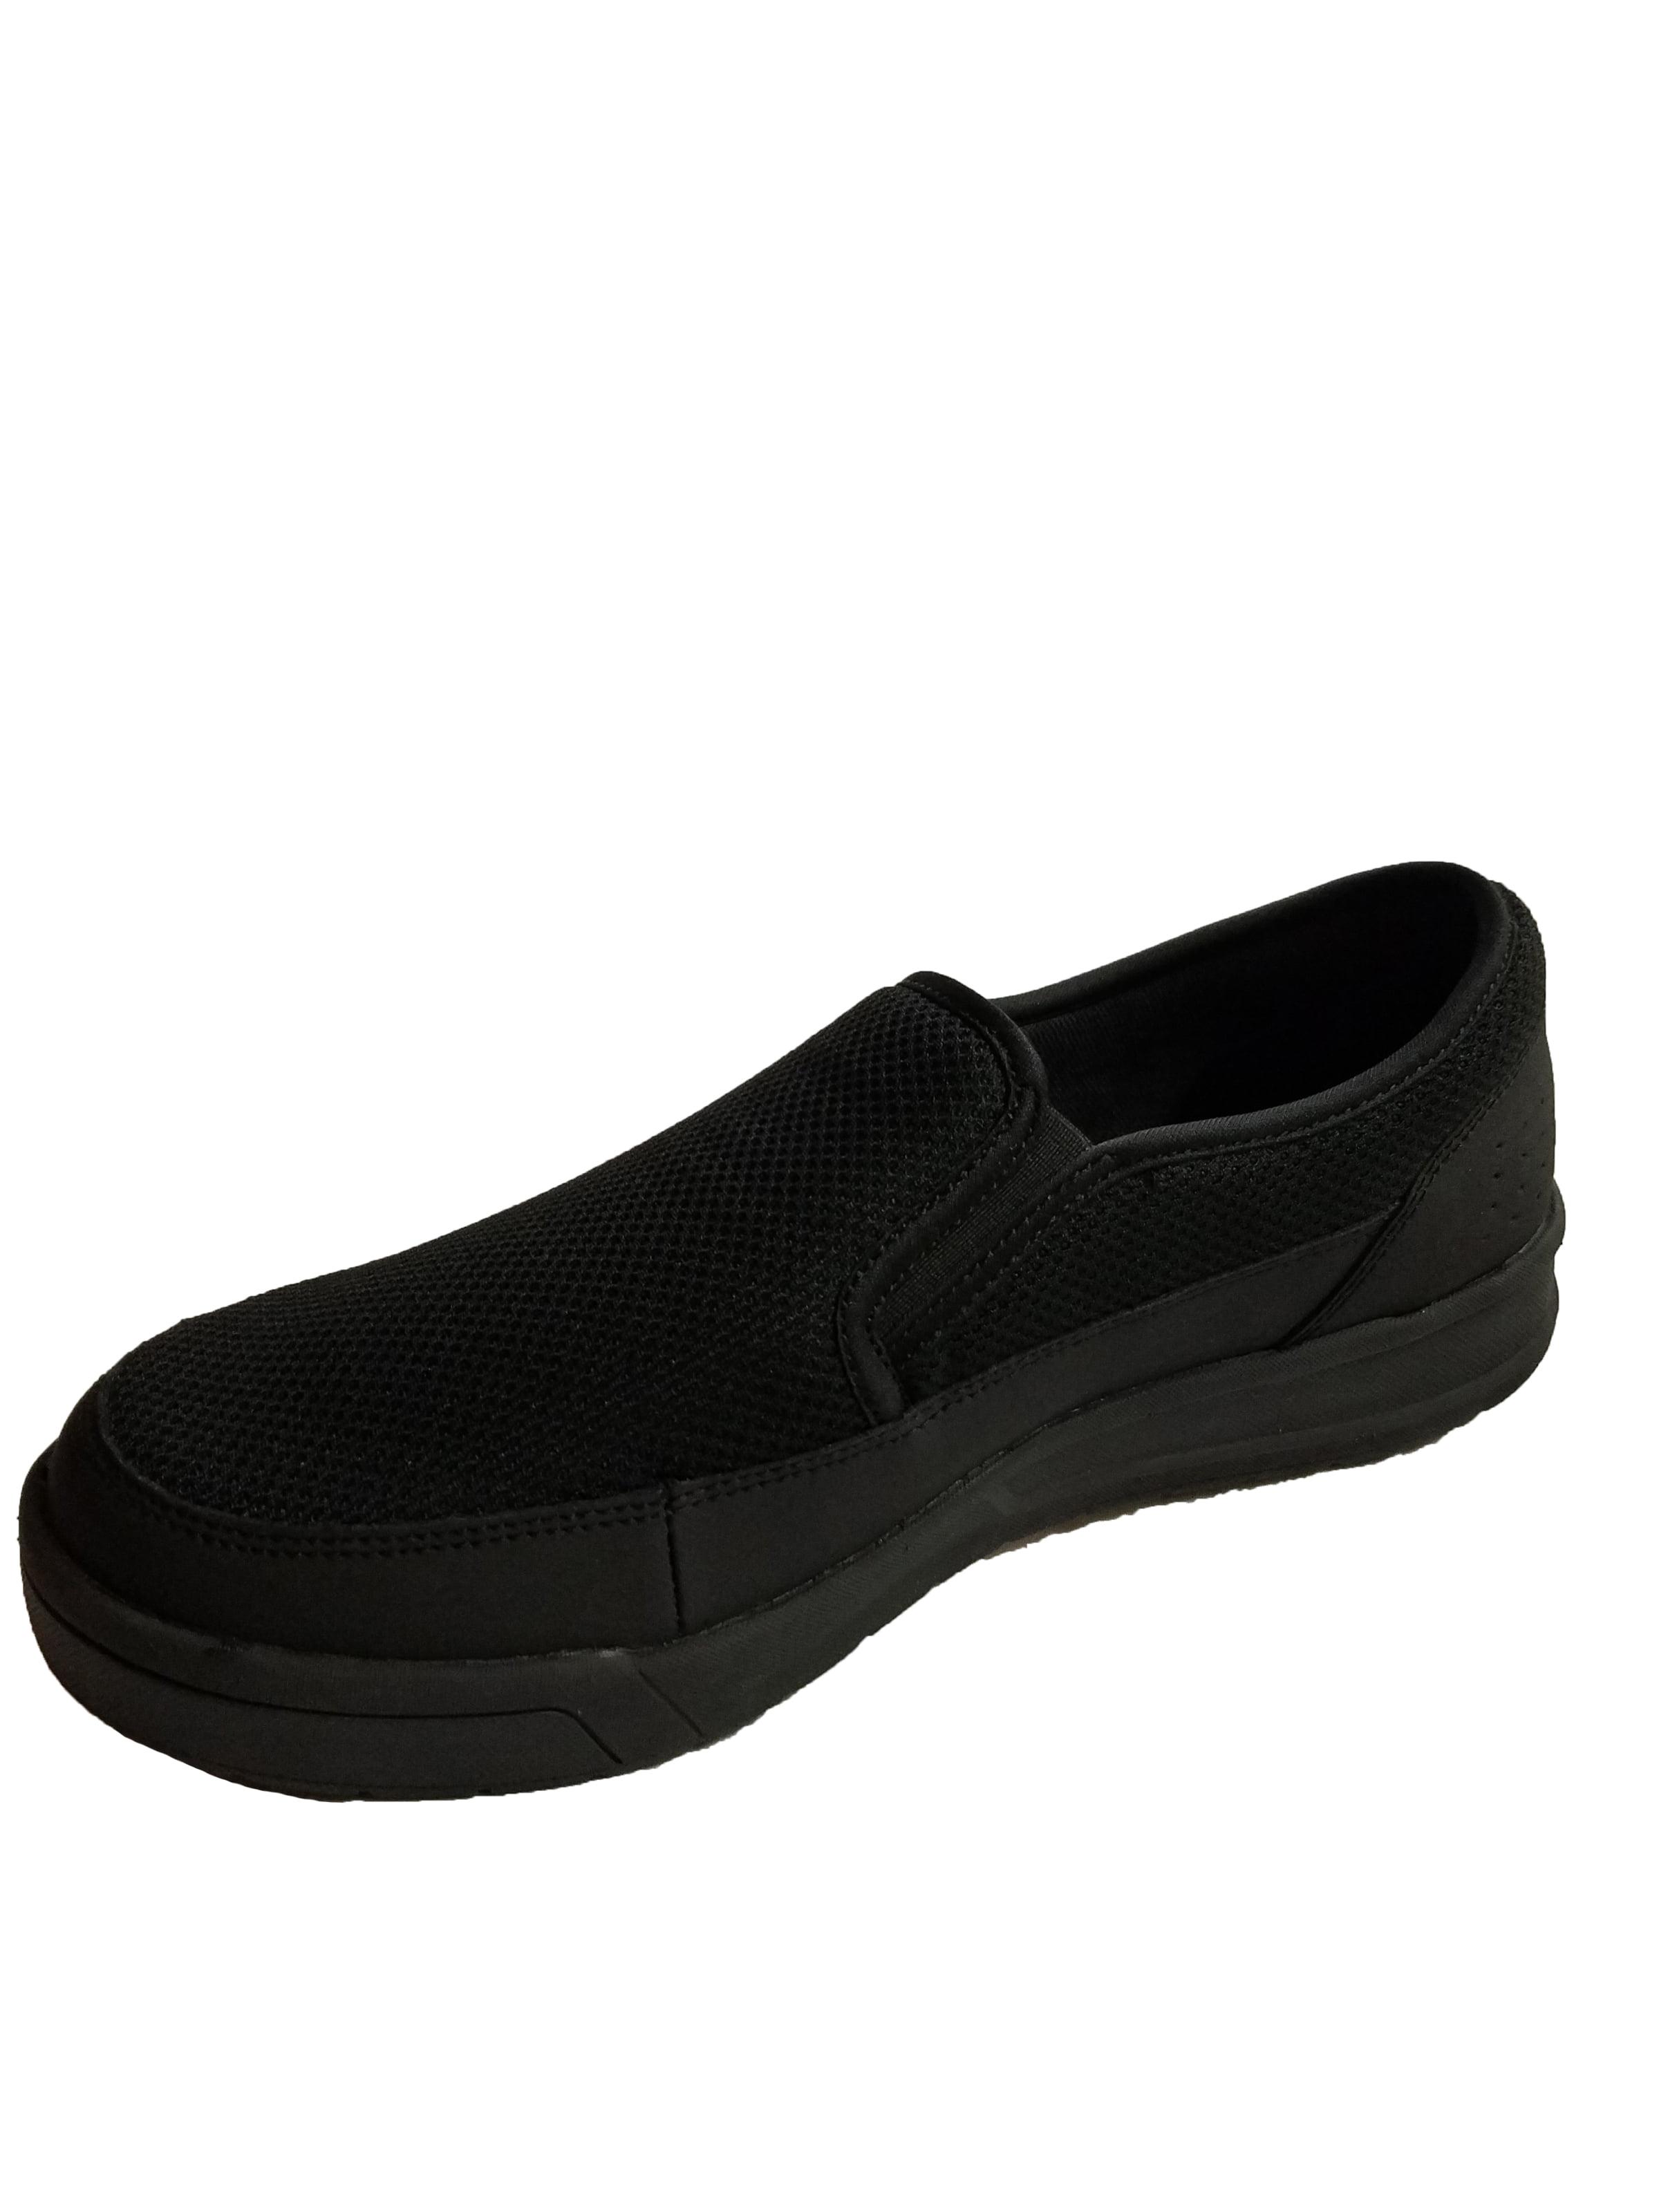 SKECHERS Work Men's Glenner - Spahl SR Black Leather/Mesh Loafer (Black/Black, 10.5 D(M) US)